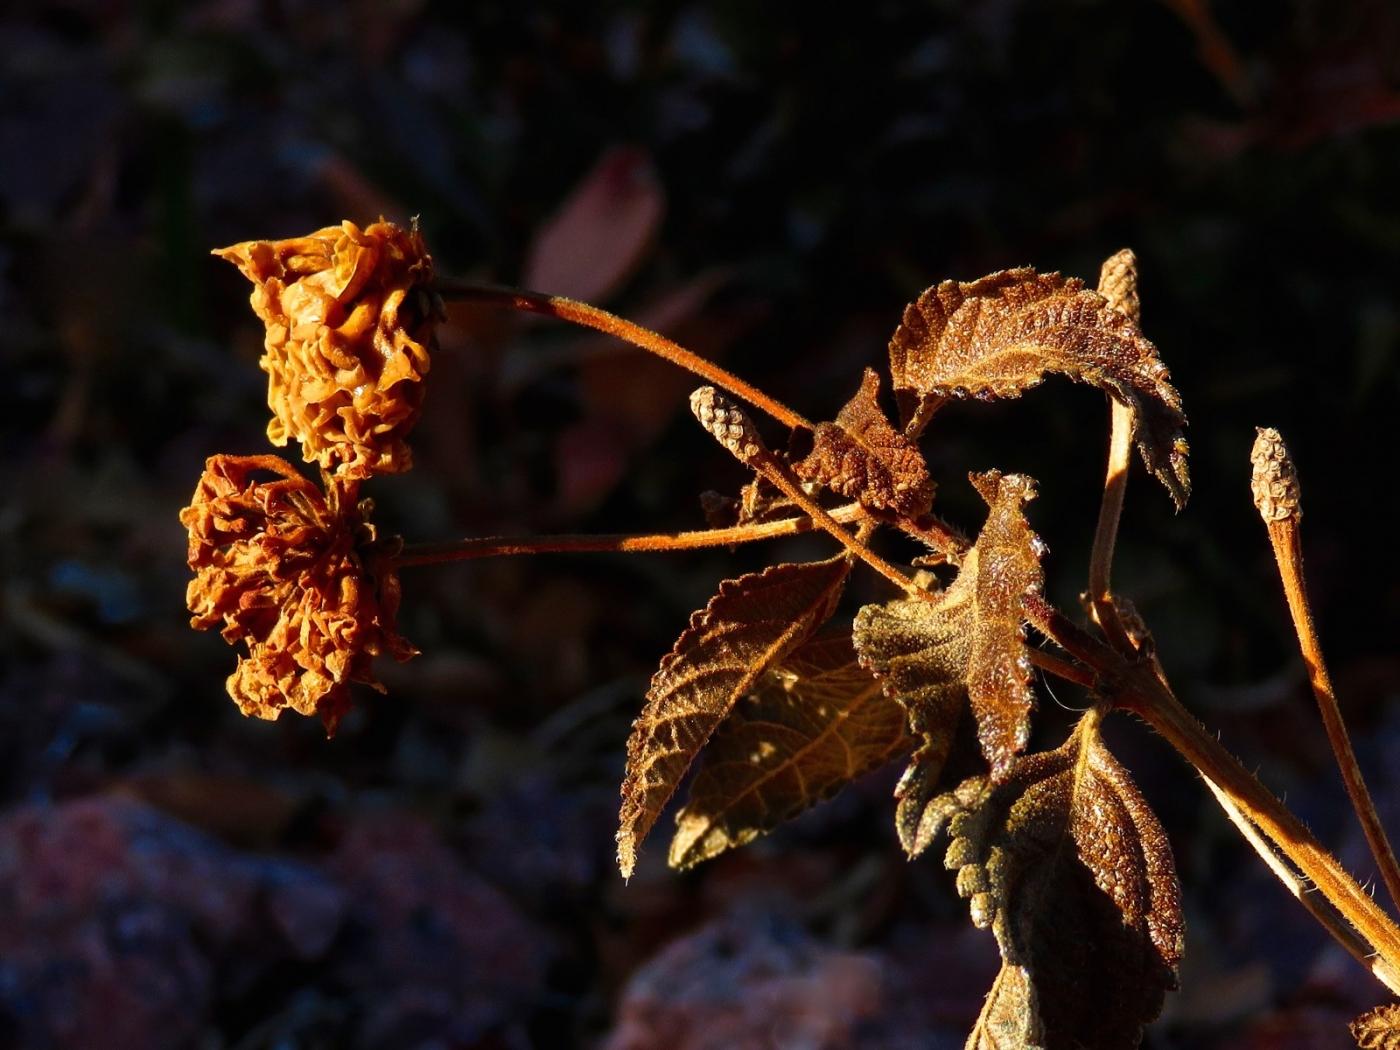 【晓鸣摄影】花卉植物49作展+独创简诗对照谱_图1-45